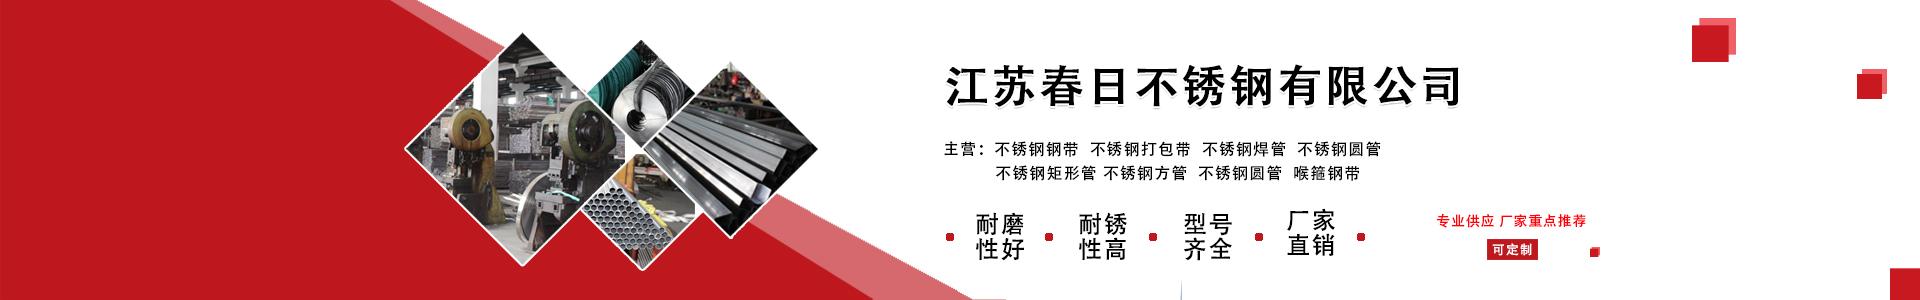 江苏橙子vr视频app下载玖玖爱在线免费有限公司